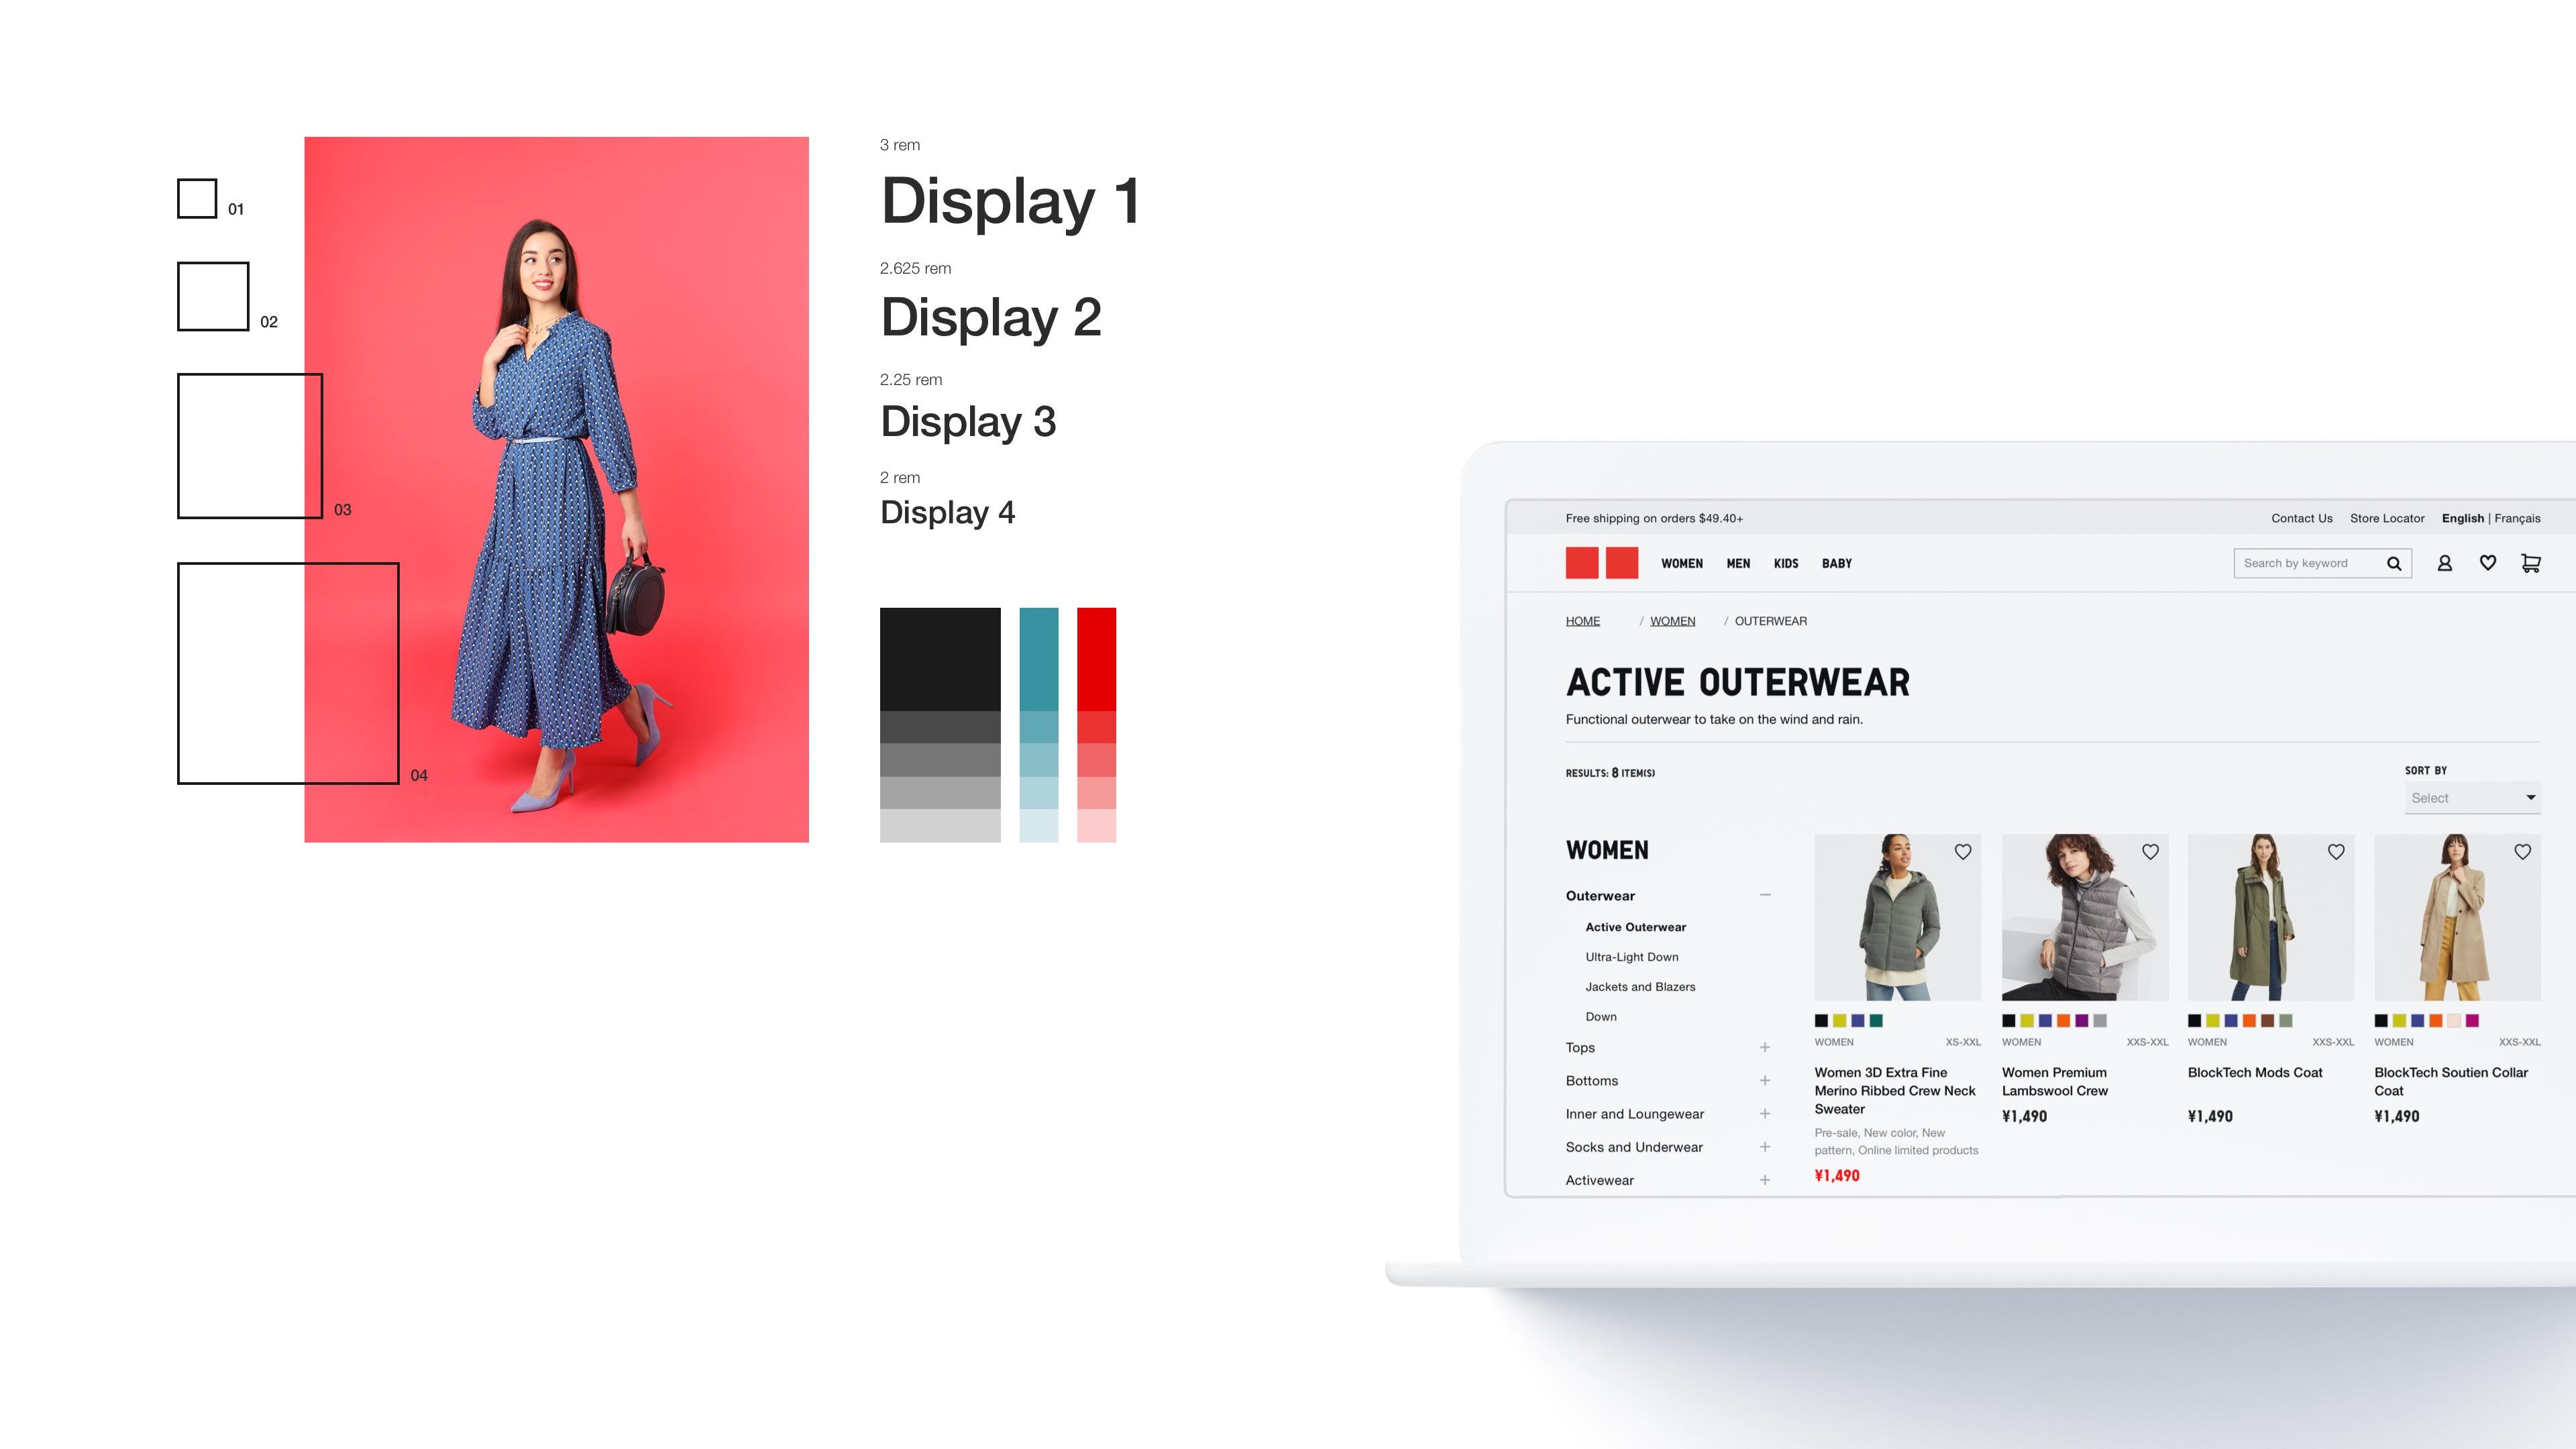 Retail Screen image 1